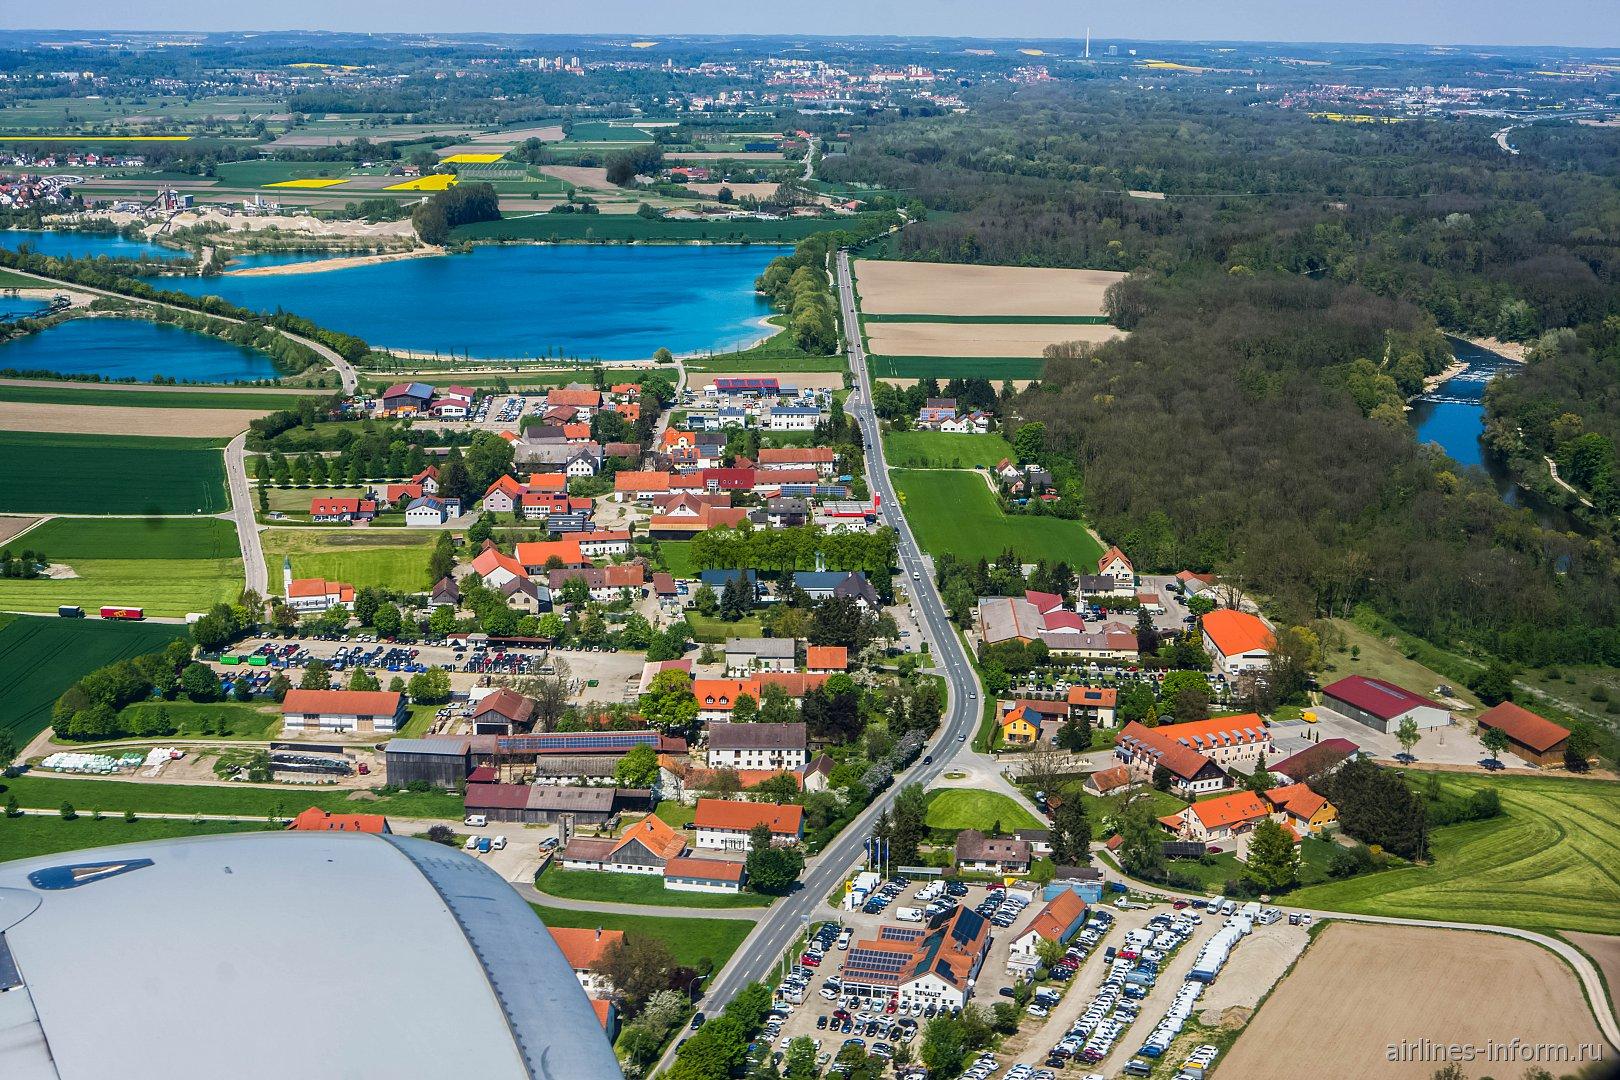 Деревня в Баварии рядом с аэропортом Мюнхен